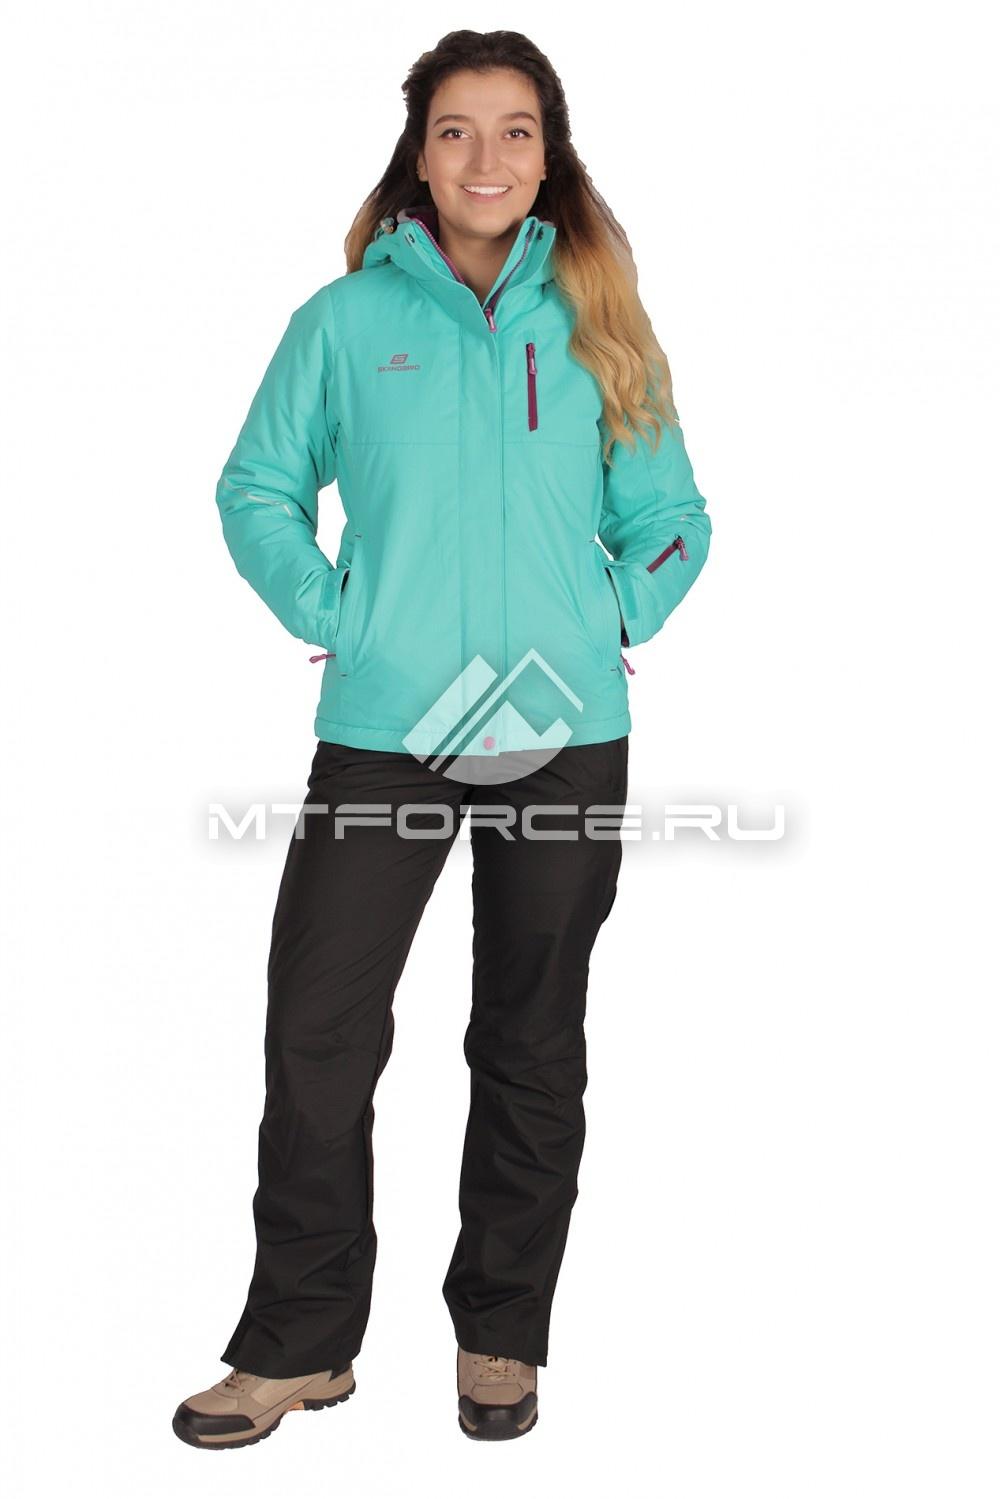 Купить                                  оптом Костюм демисезонный женский бирюзового цвета 01708Br